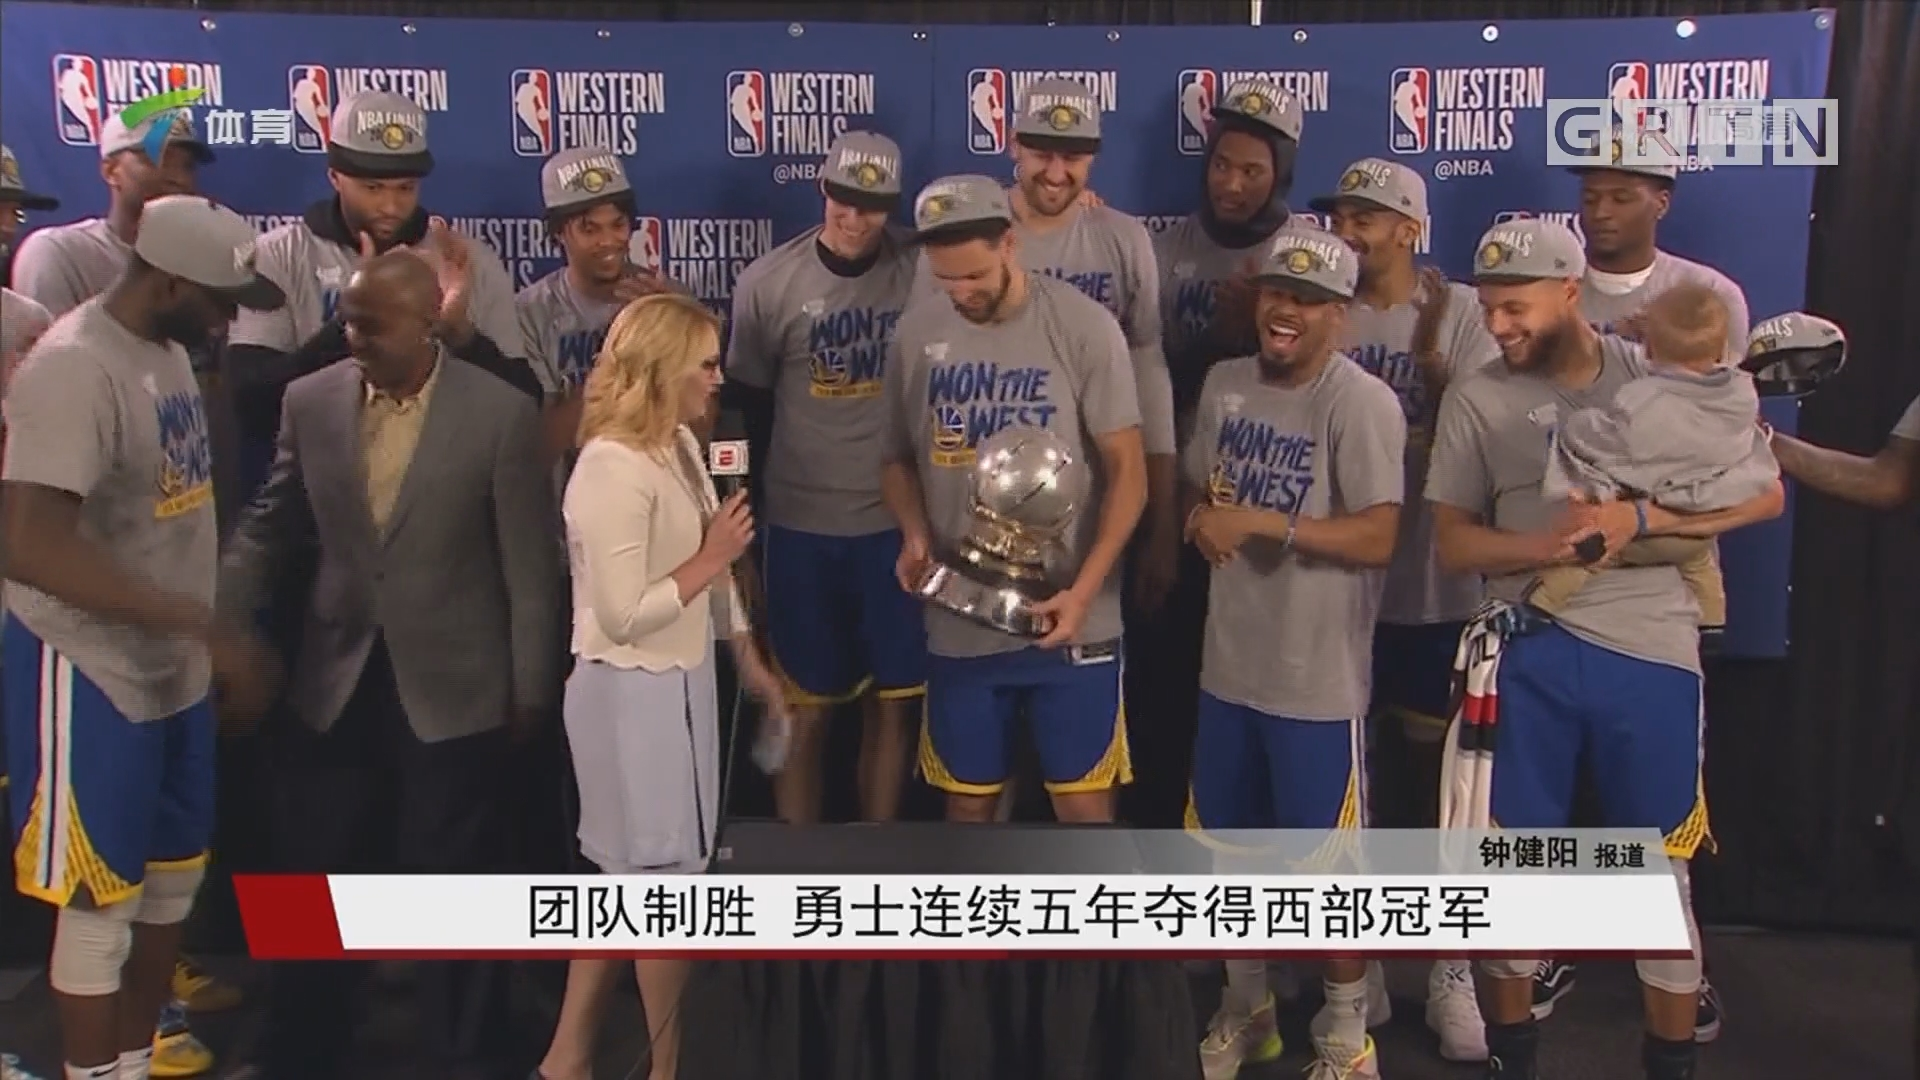 团队制胜 勇士连续五年夺得西部冠军